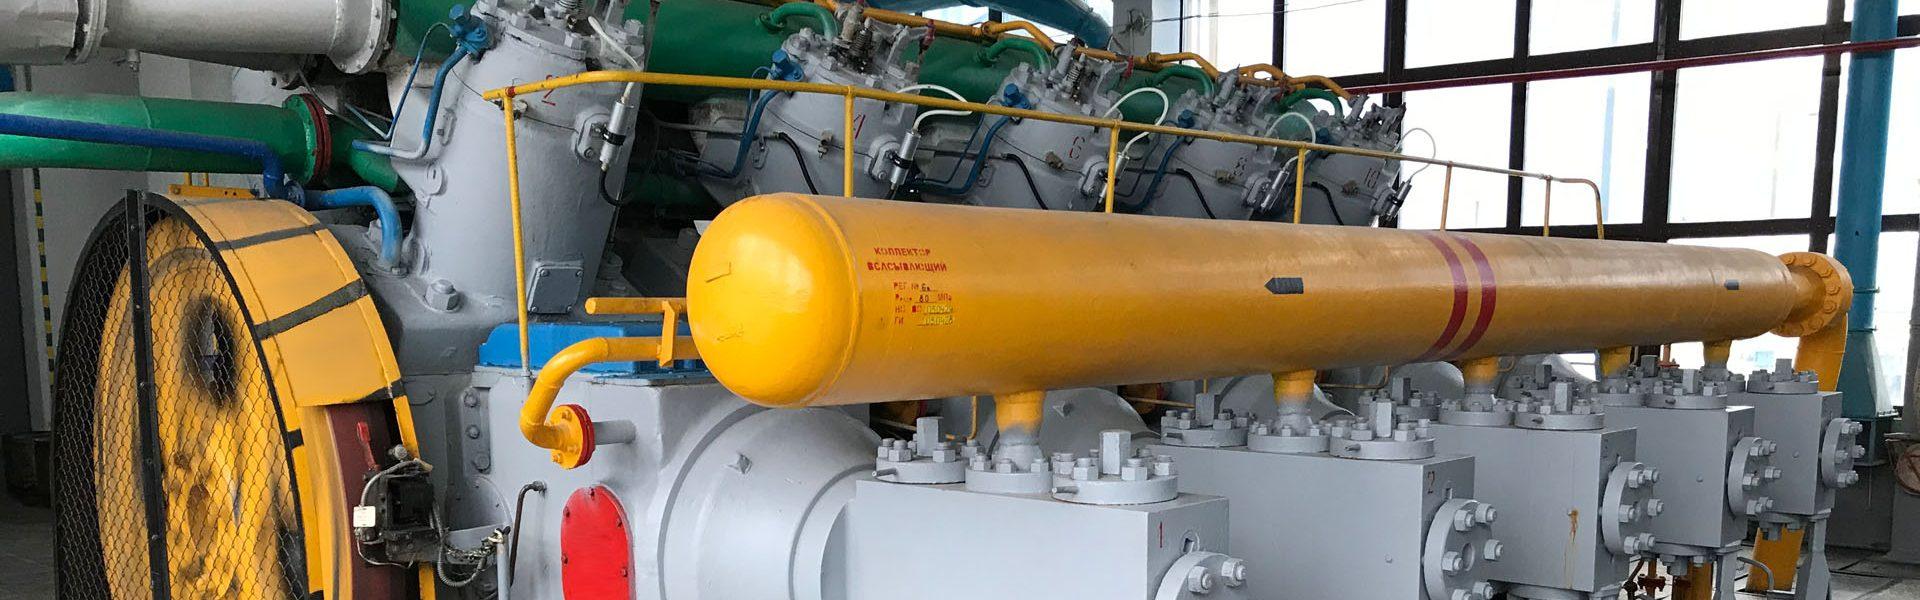 Комплексы для индицирования и регулировки газомотокомпрессоров